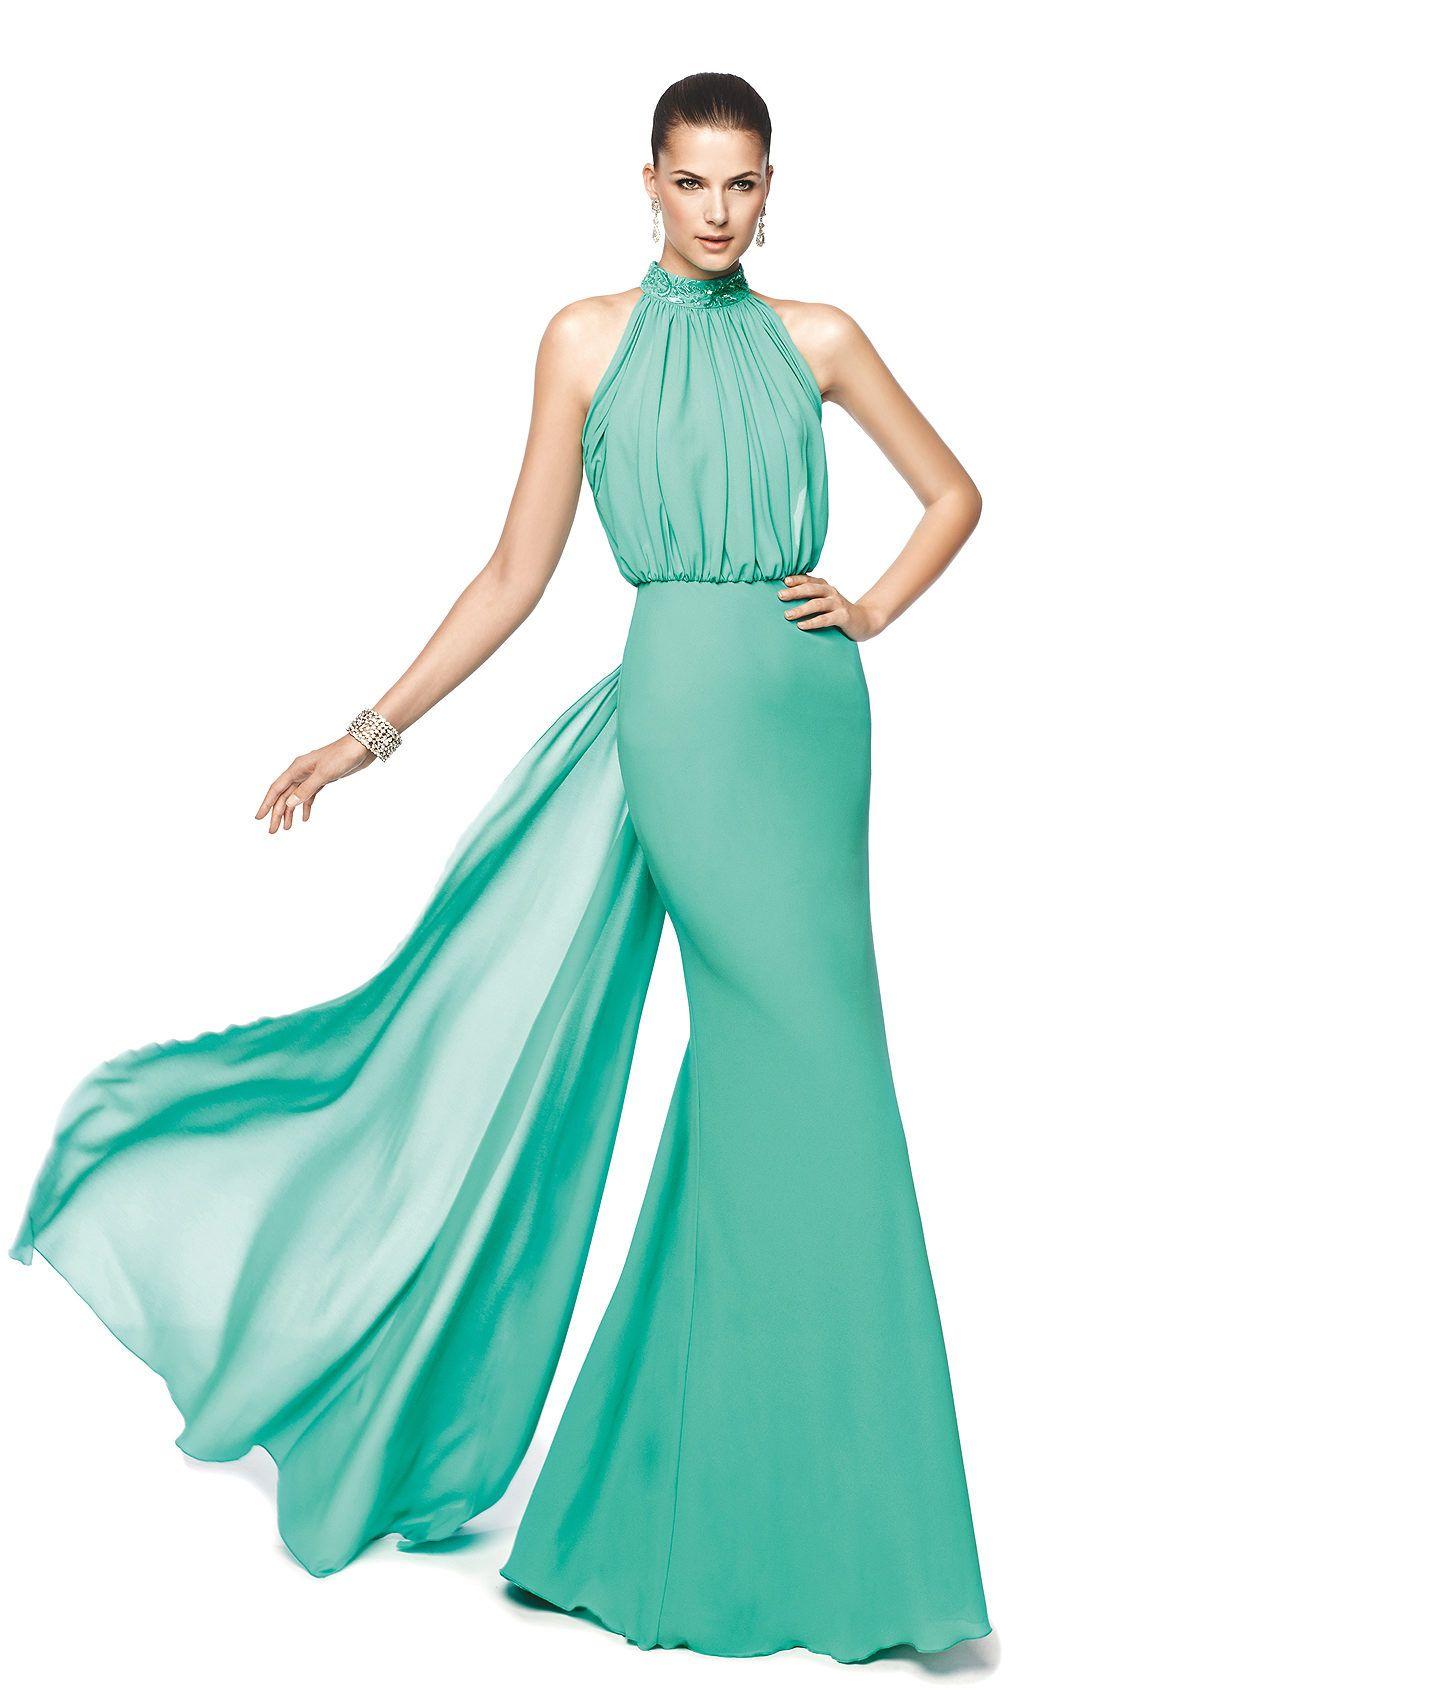 NADRA - Vestido de fiesta corte sirena. Pronovias 2015 | trajes de ...